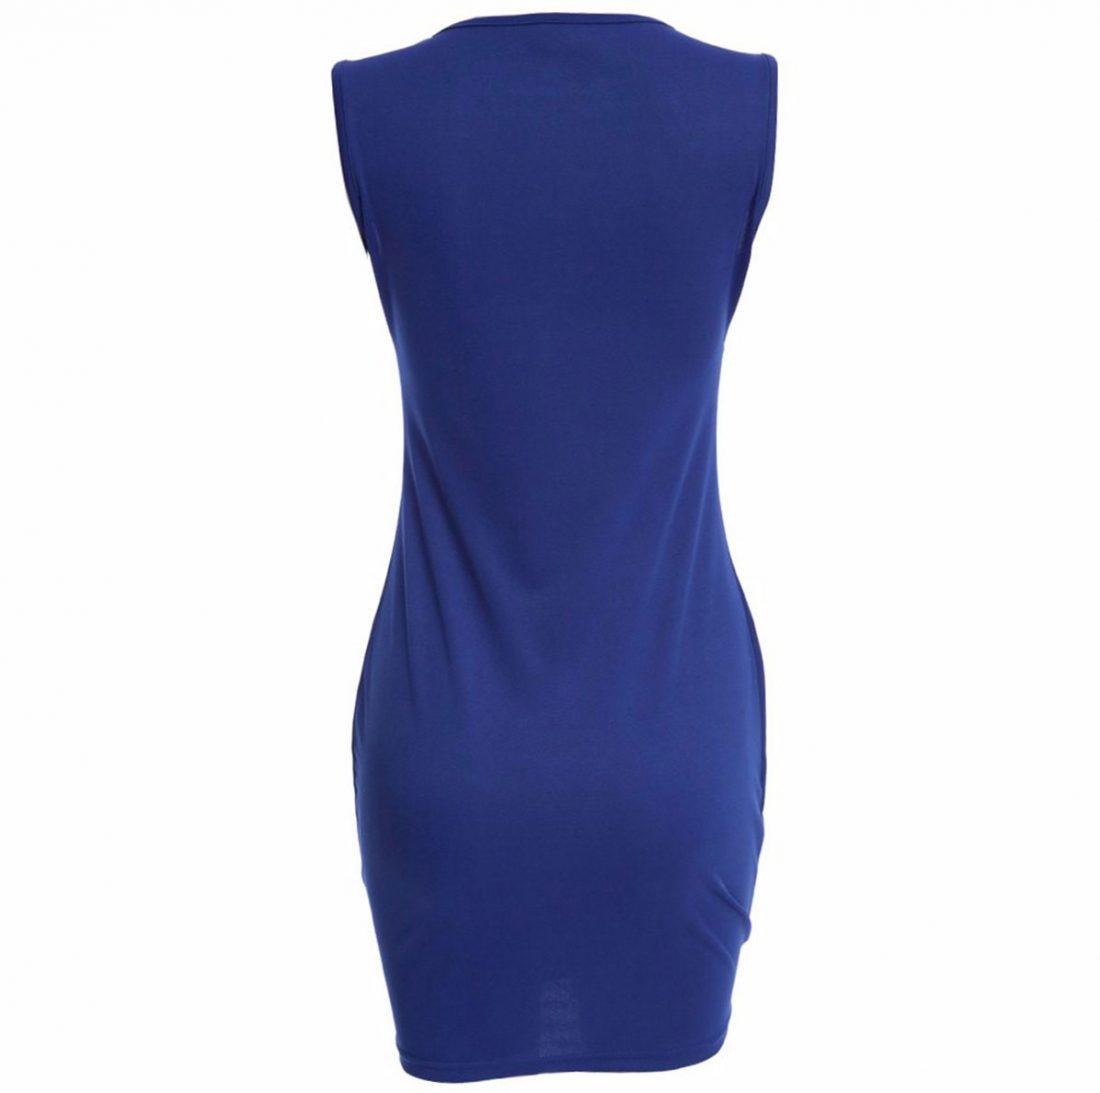 M0176 blue2 Party Dresses maureens.com boutique